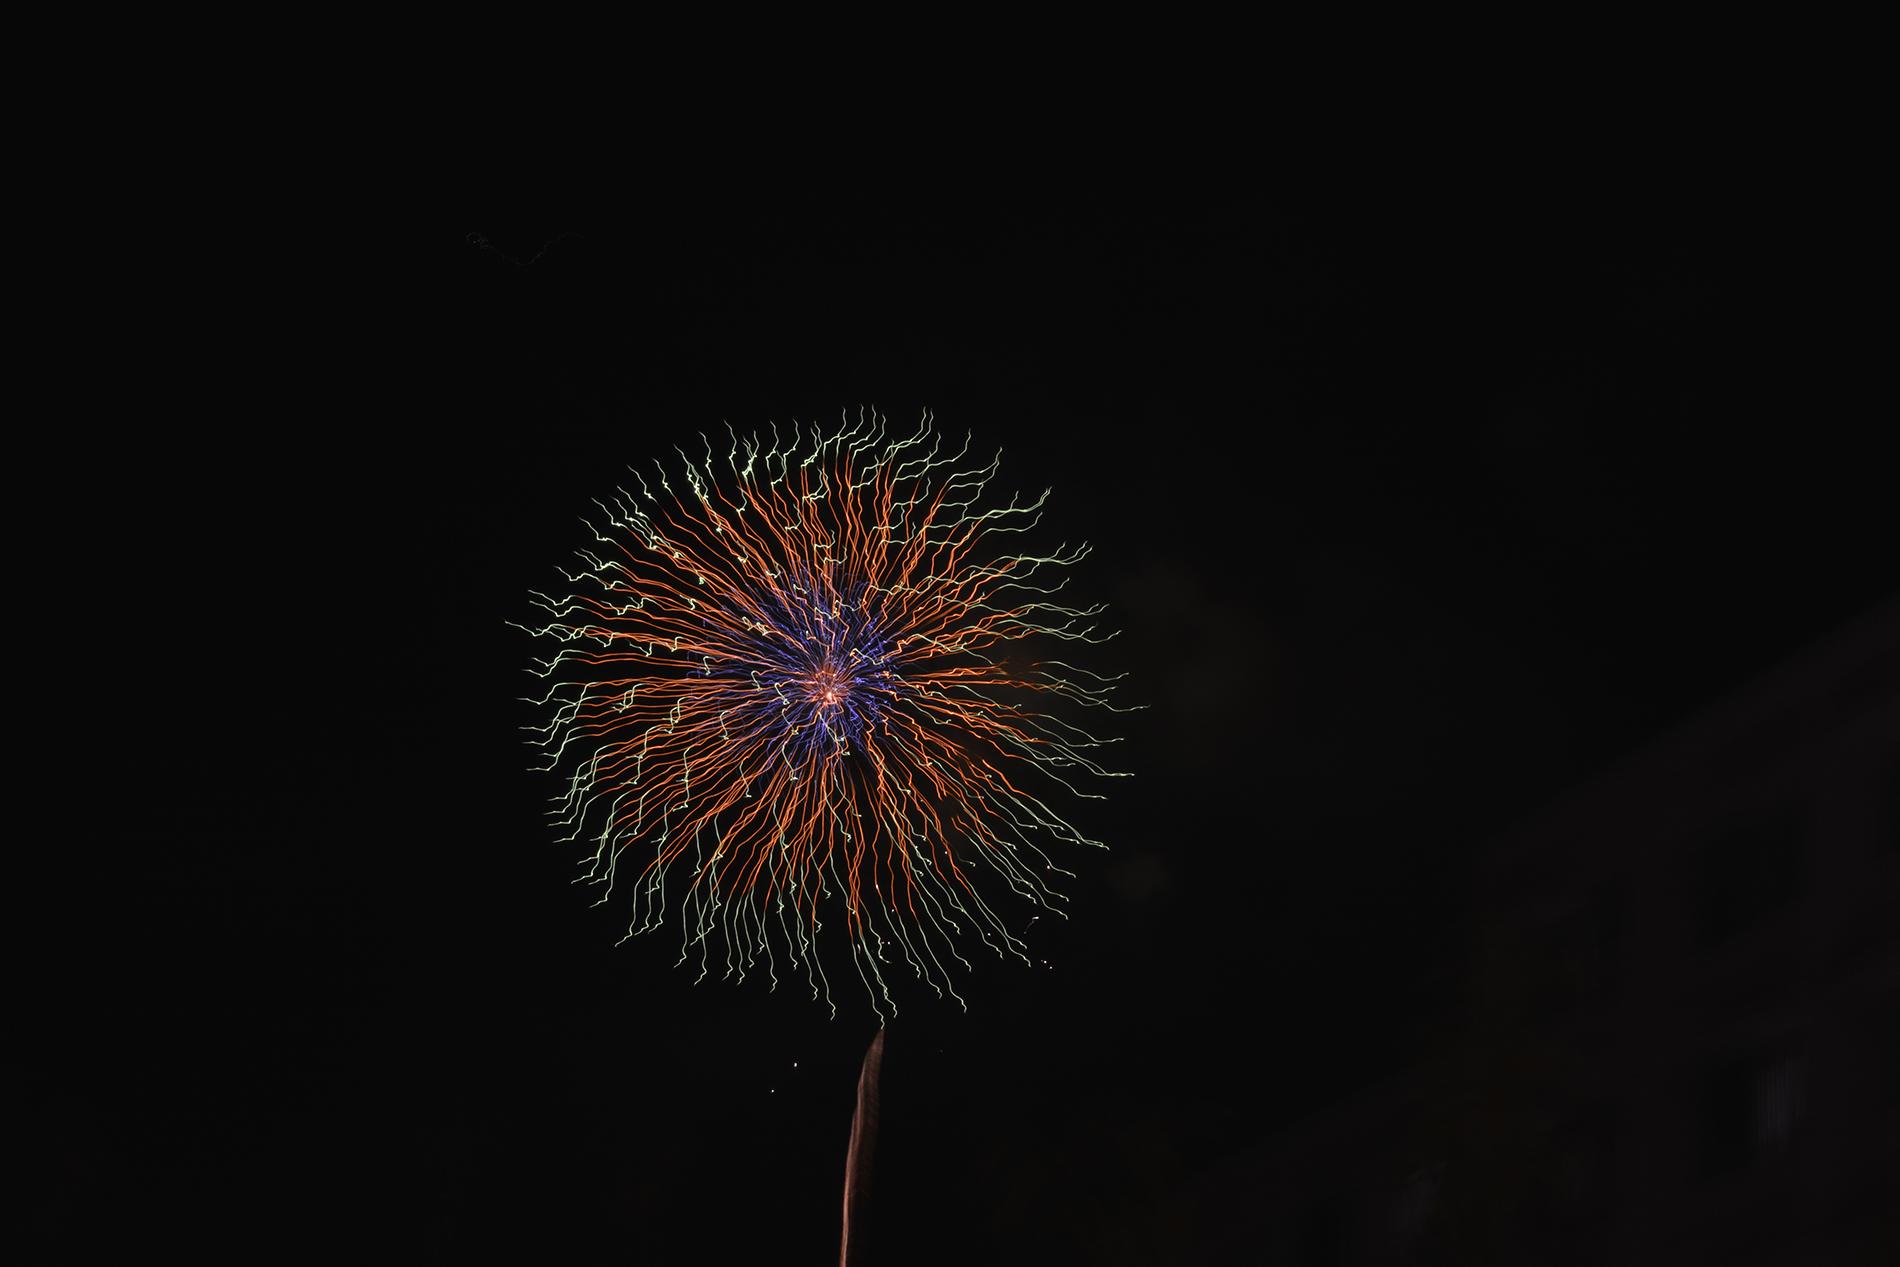 Les fleurs de feu du hanabi